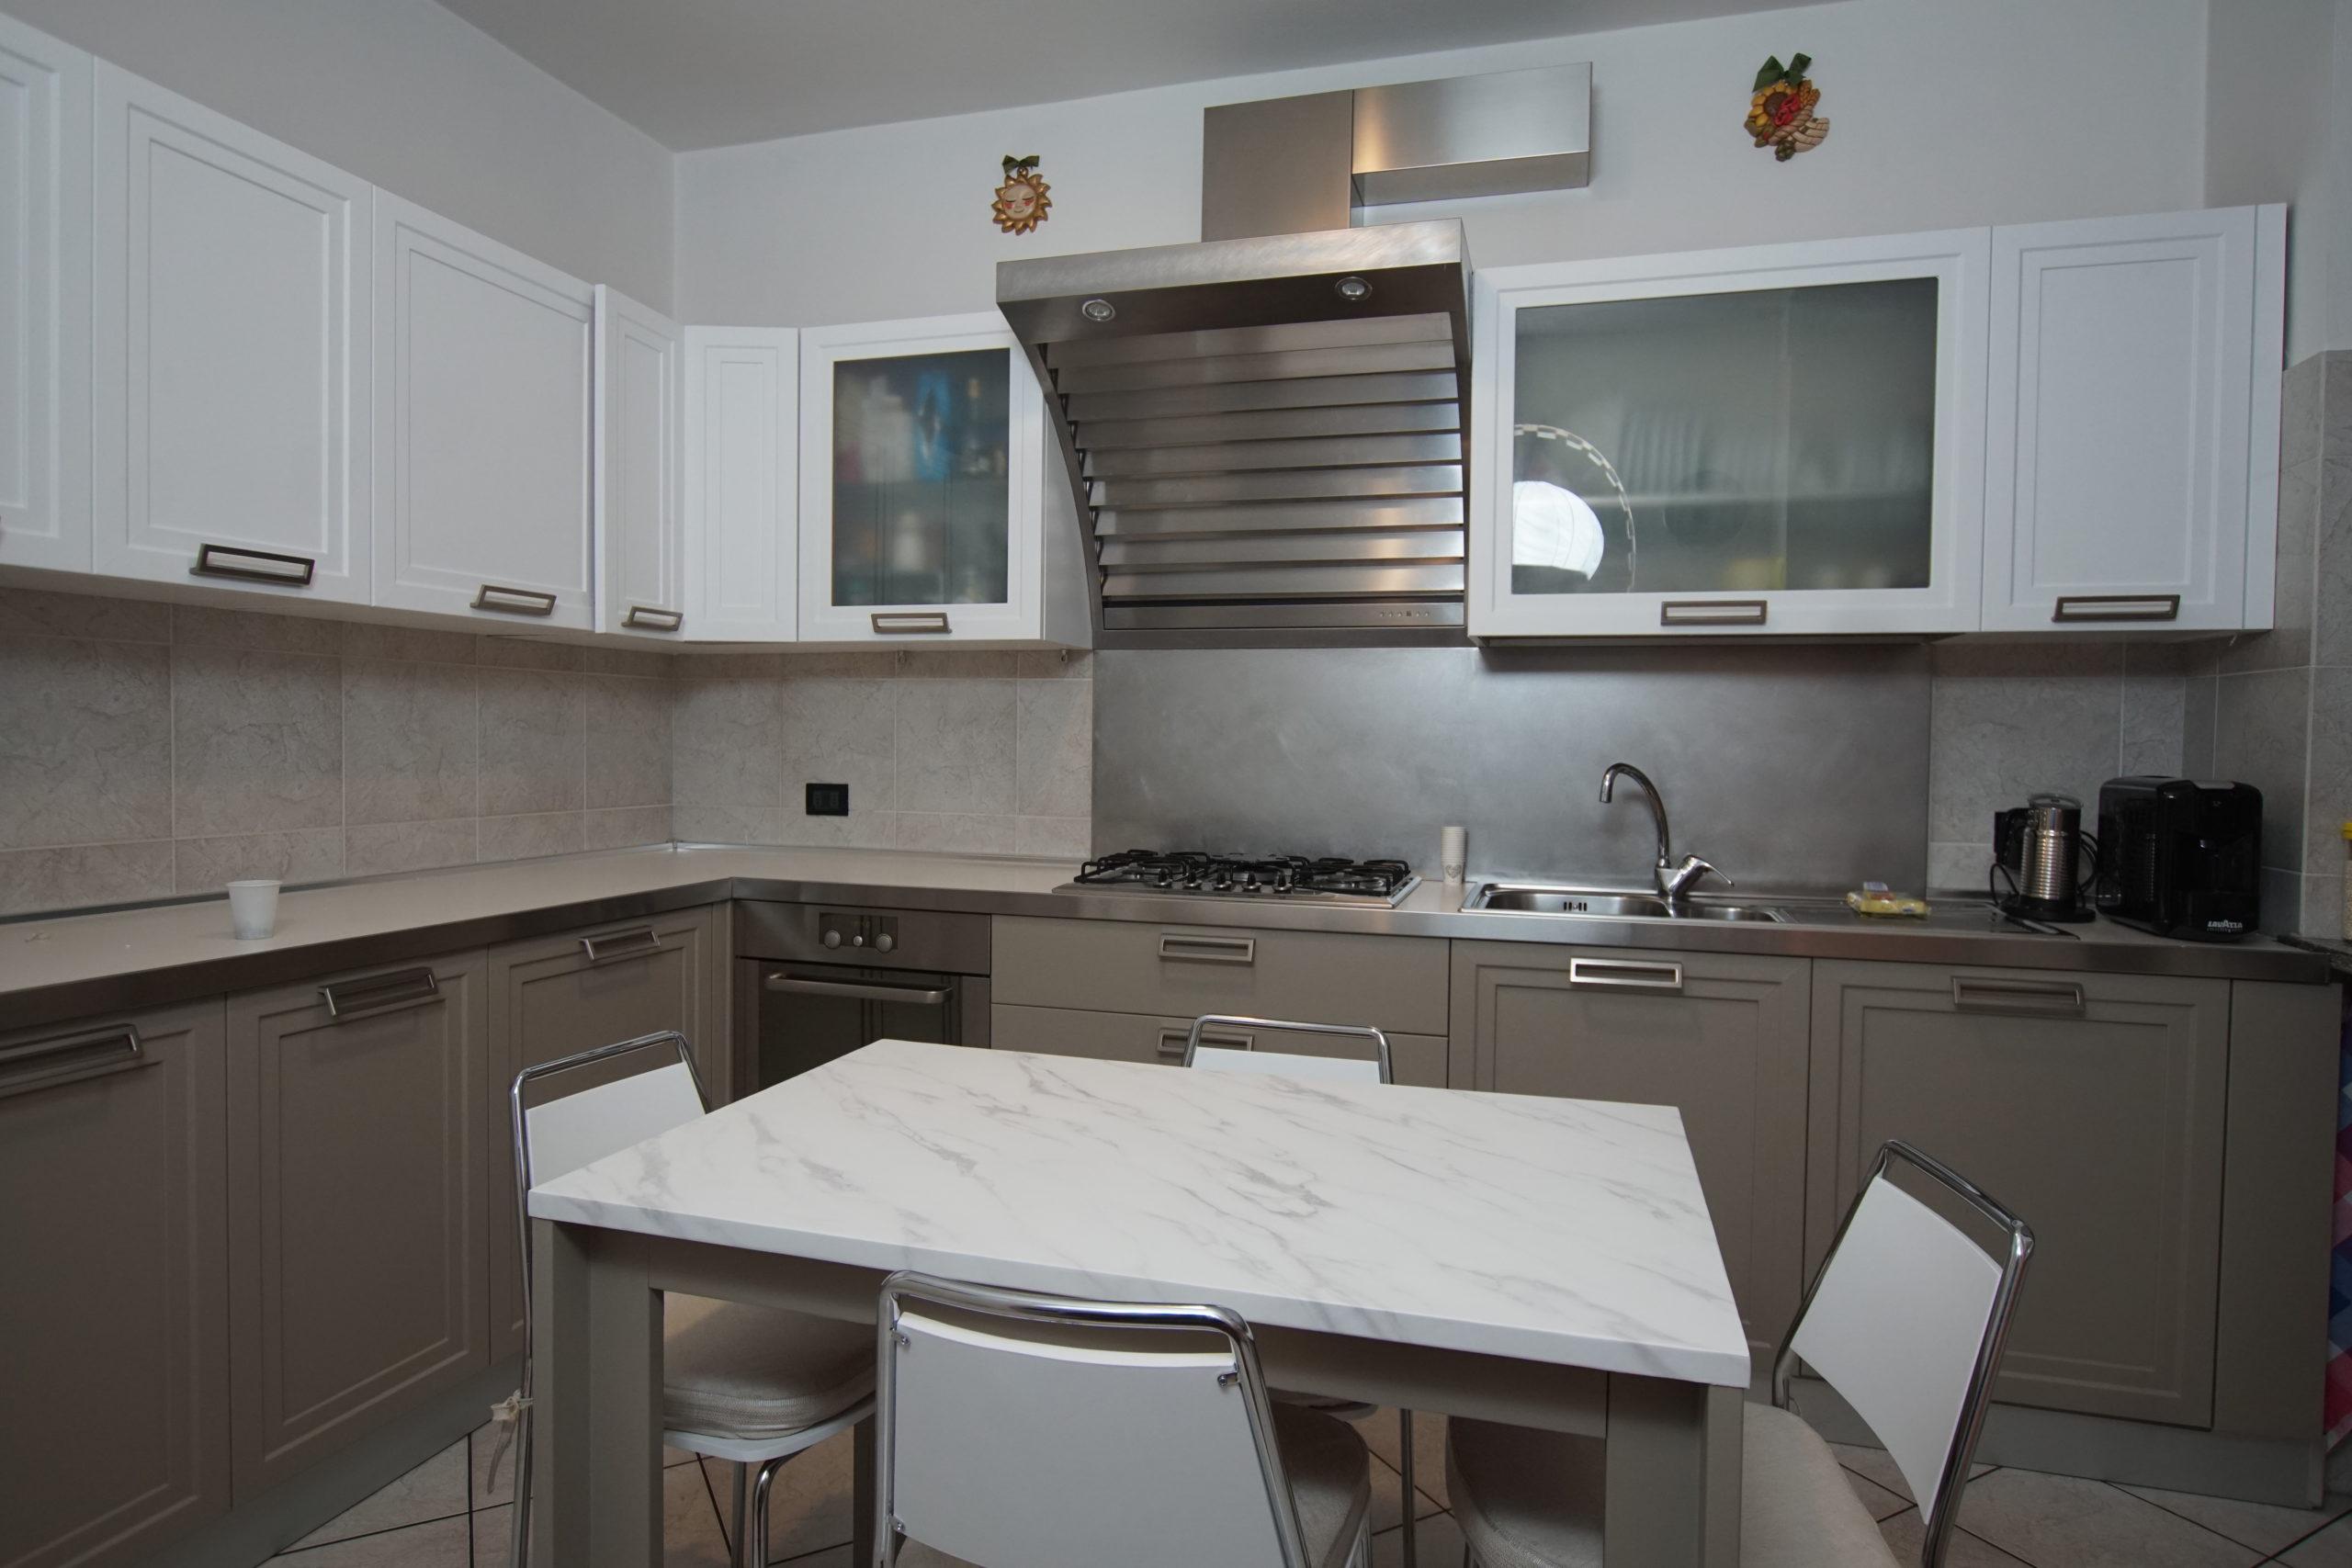 Rinnovo cucina Cisliago